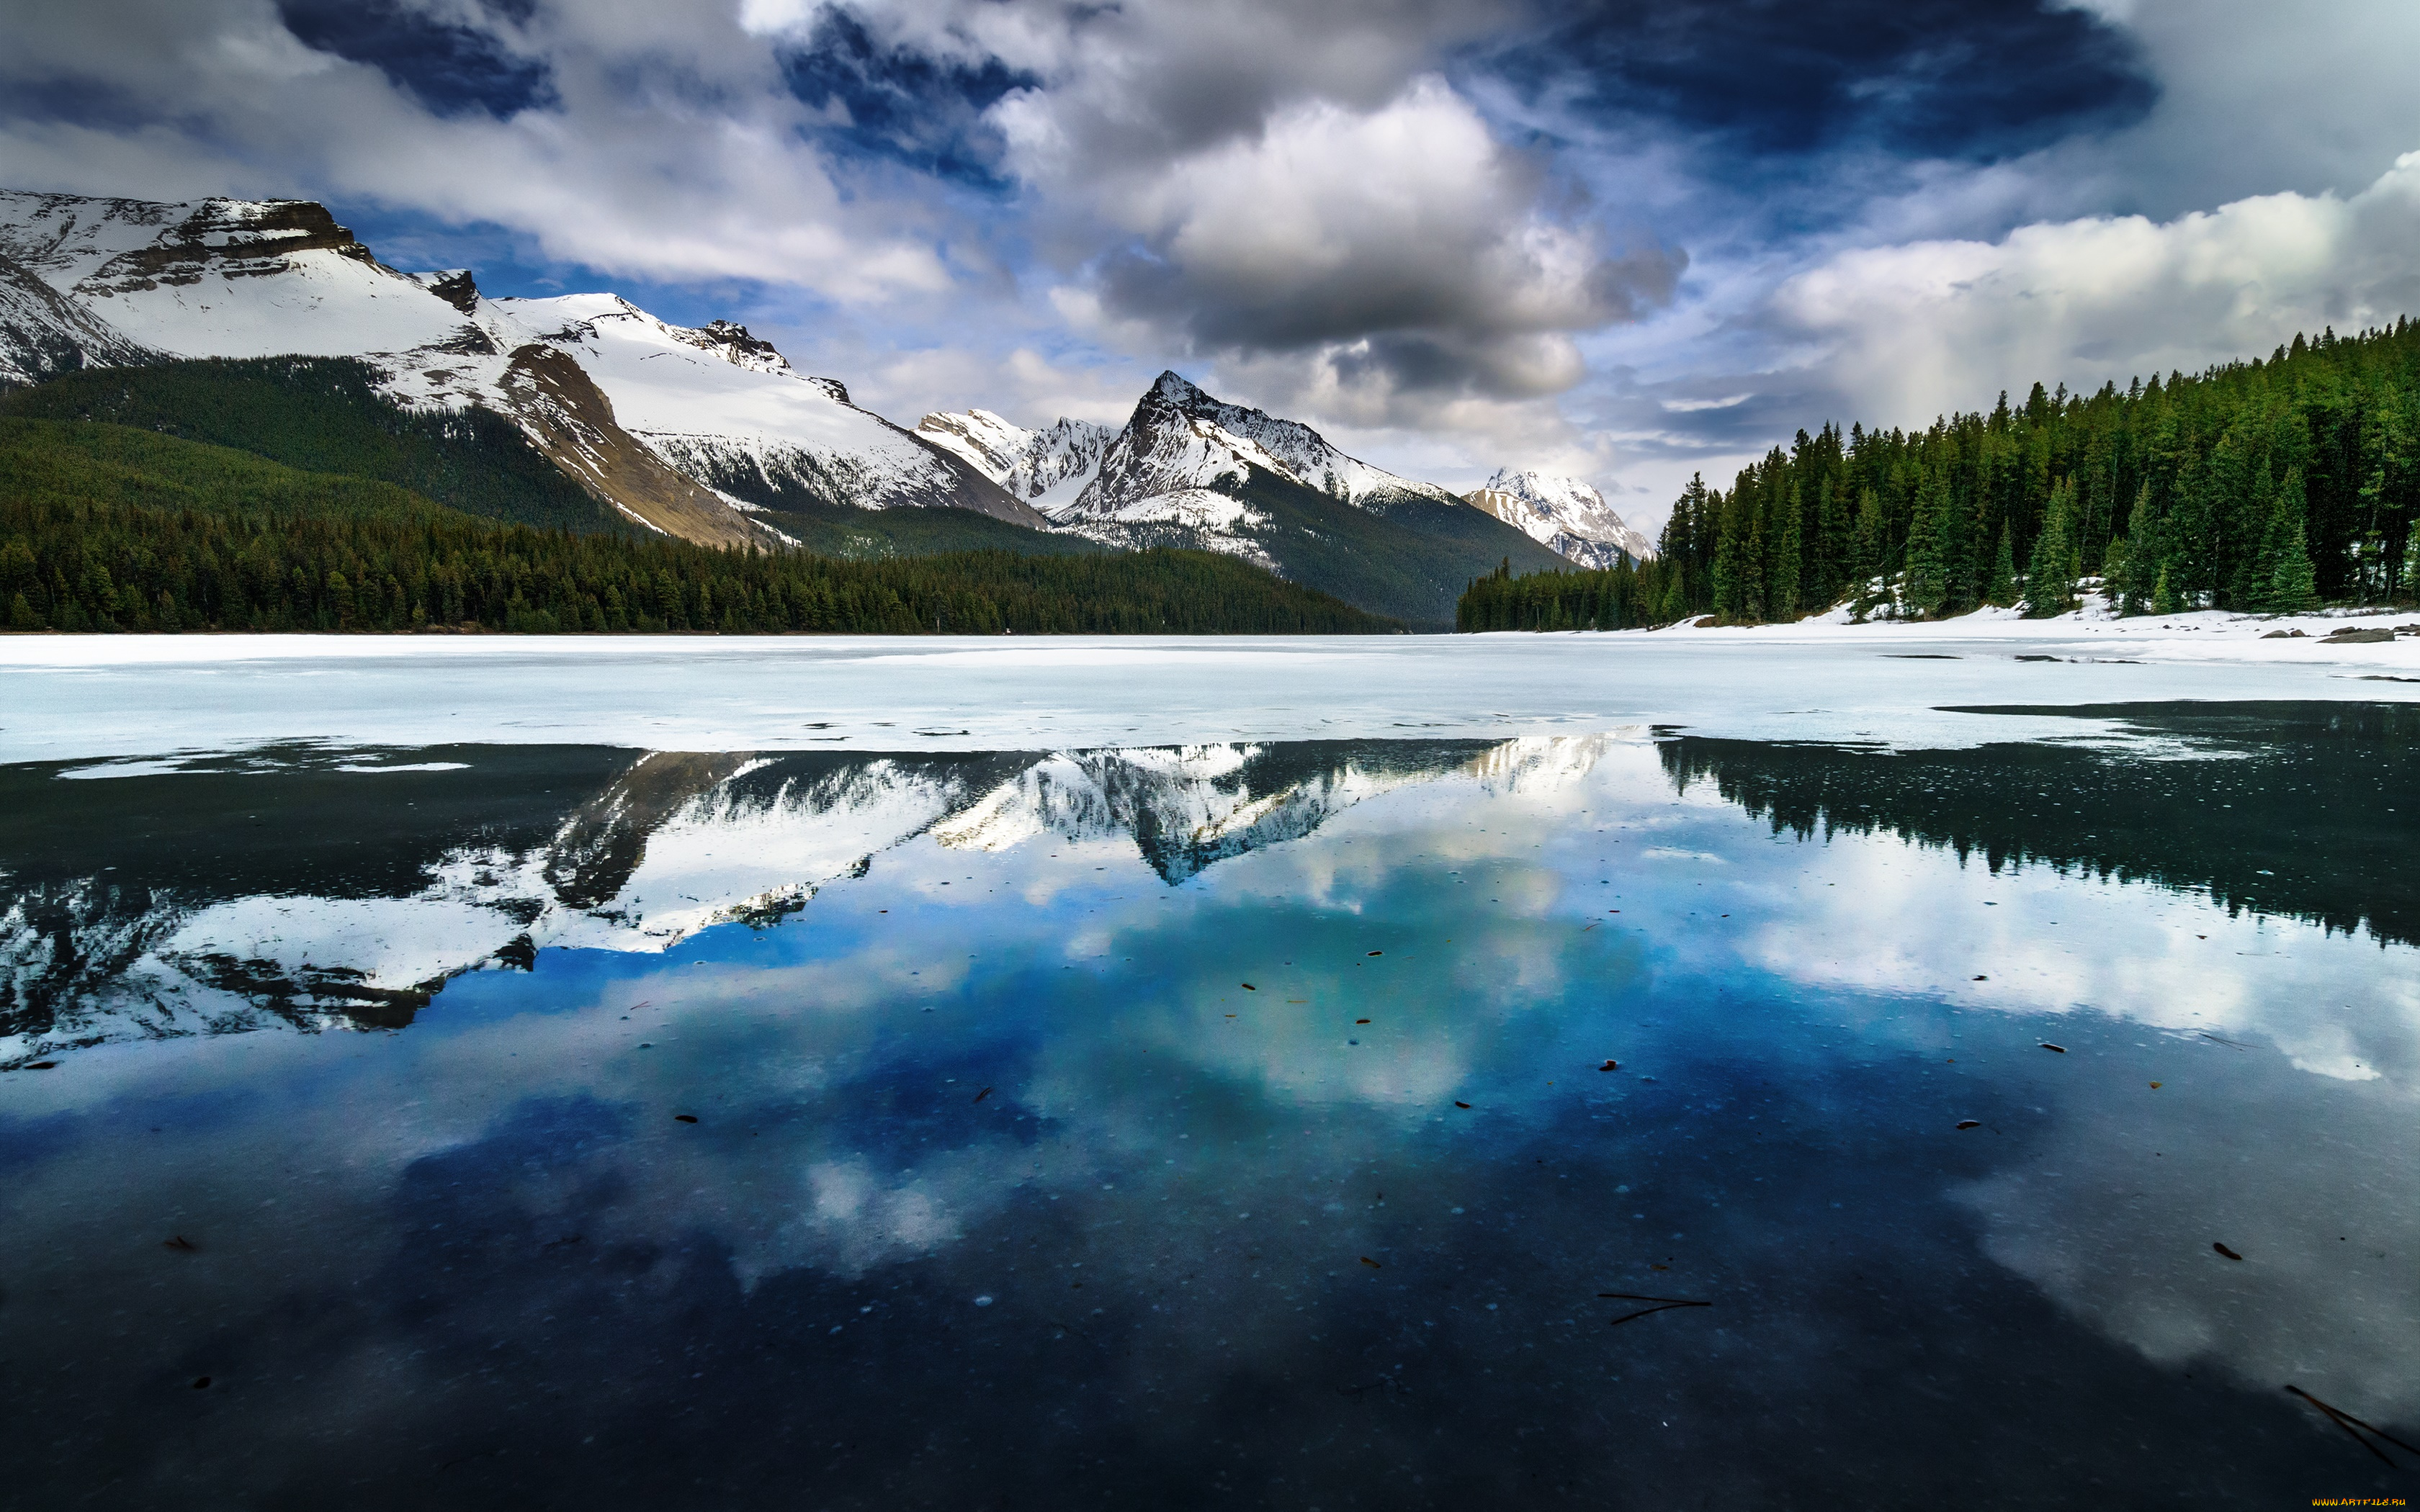 озеро горы снег  № 2476757 загрузить